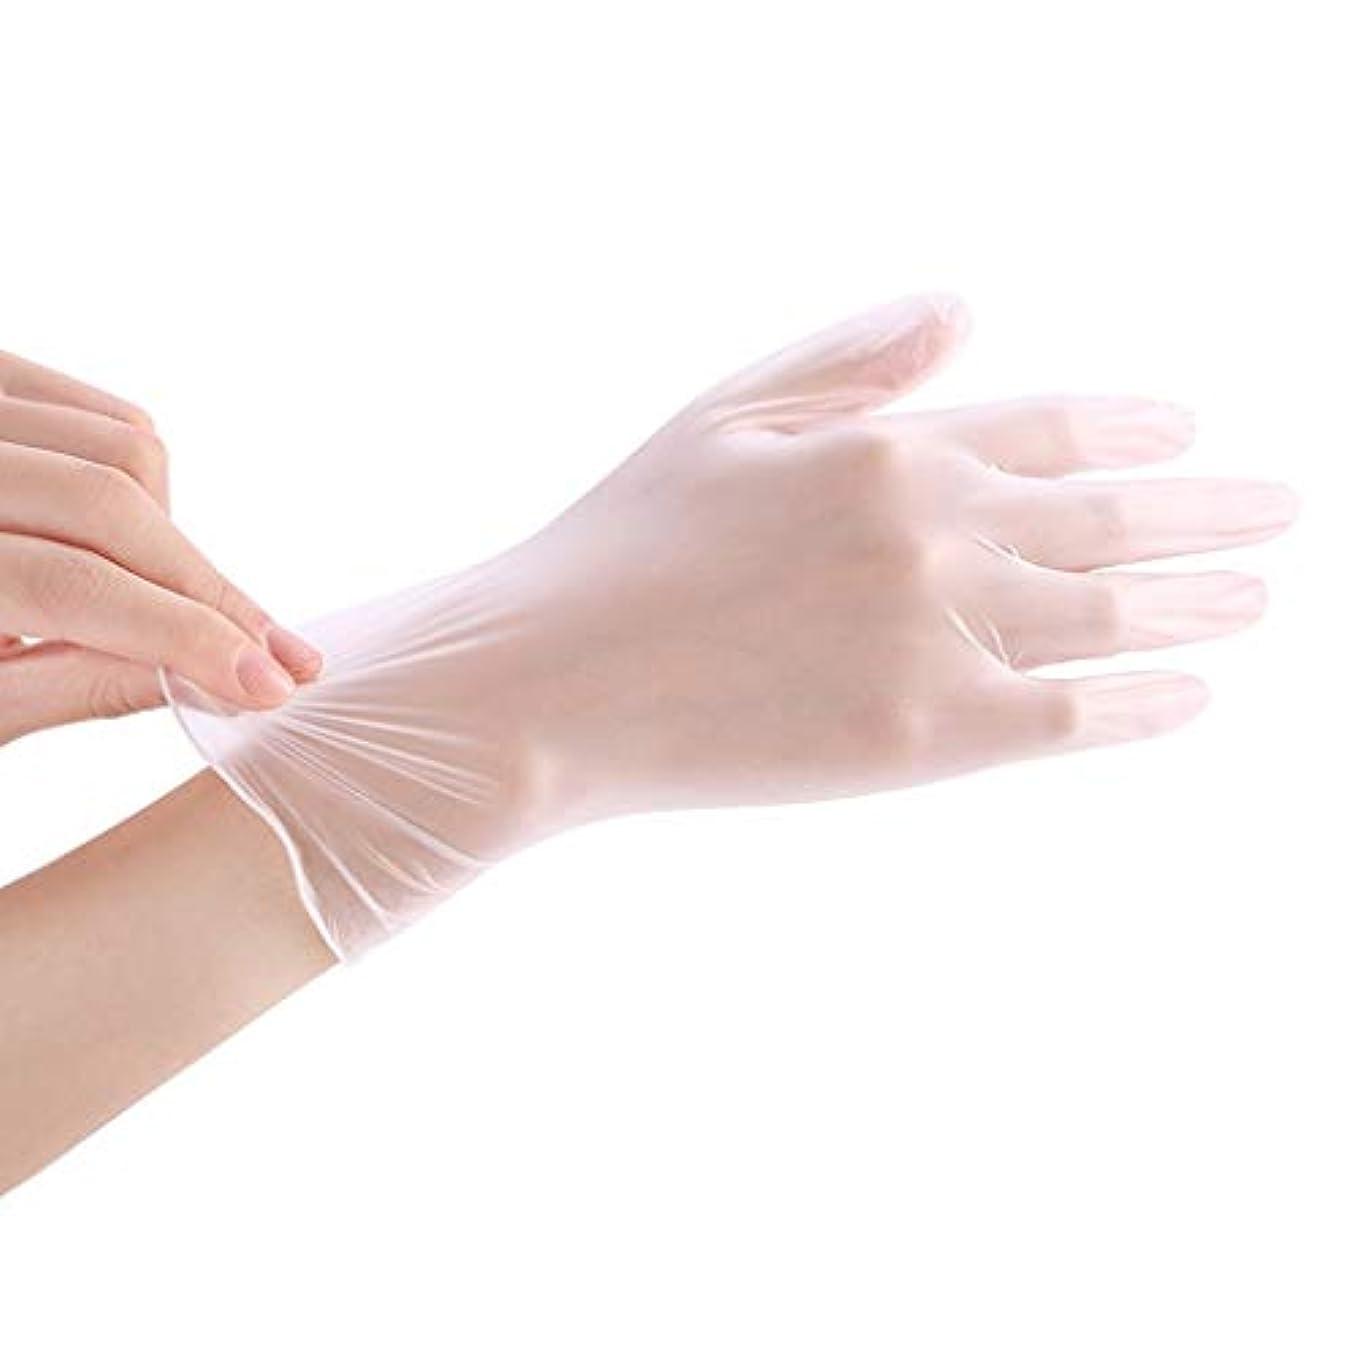 指定するアームストロングステートメント使い捨て透明食品ケータリンググレードPVC手袋美容キッチンベーキングフィルム手袋200 YANW (色 : トランスペアレント, サイズ さいず : L l)